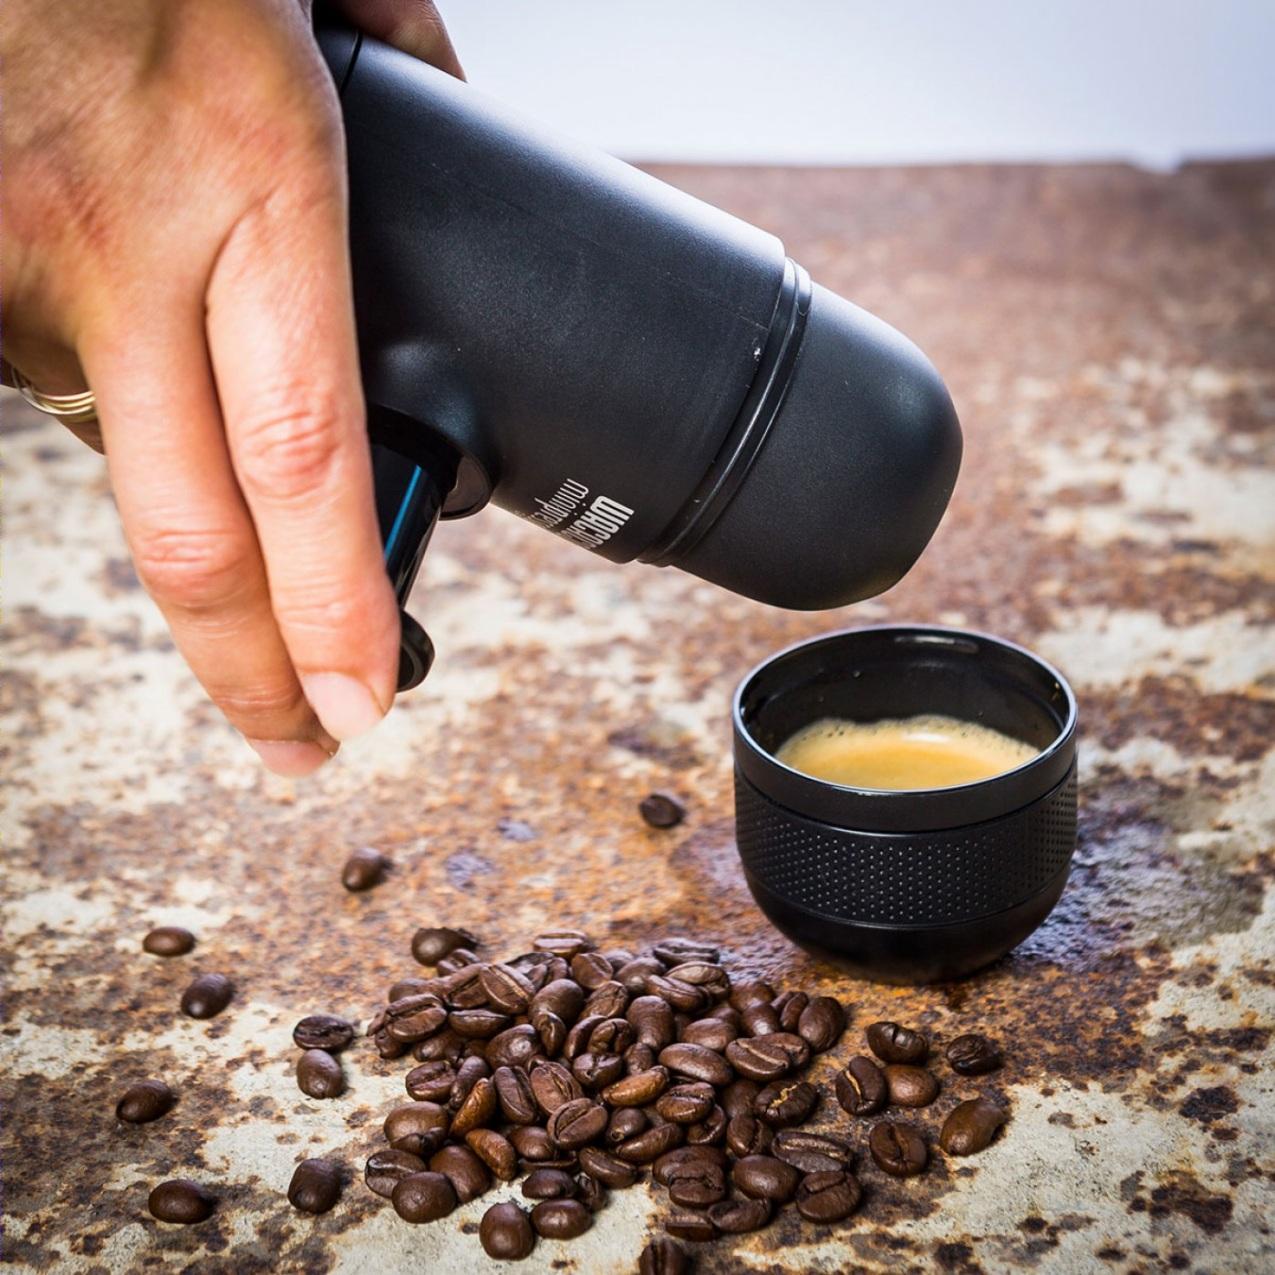 Portable Espresso Maker – commenti – ingredienti - erboristeria – come si usa – composizione